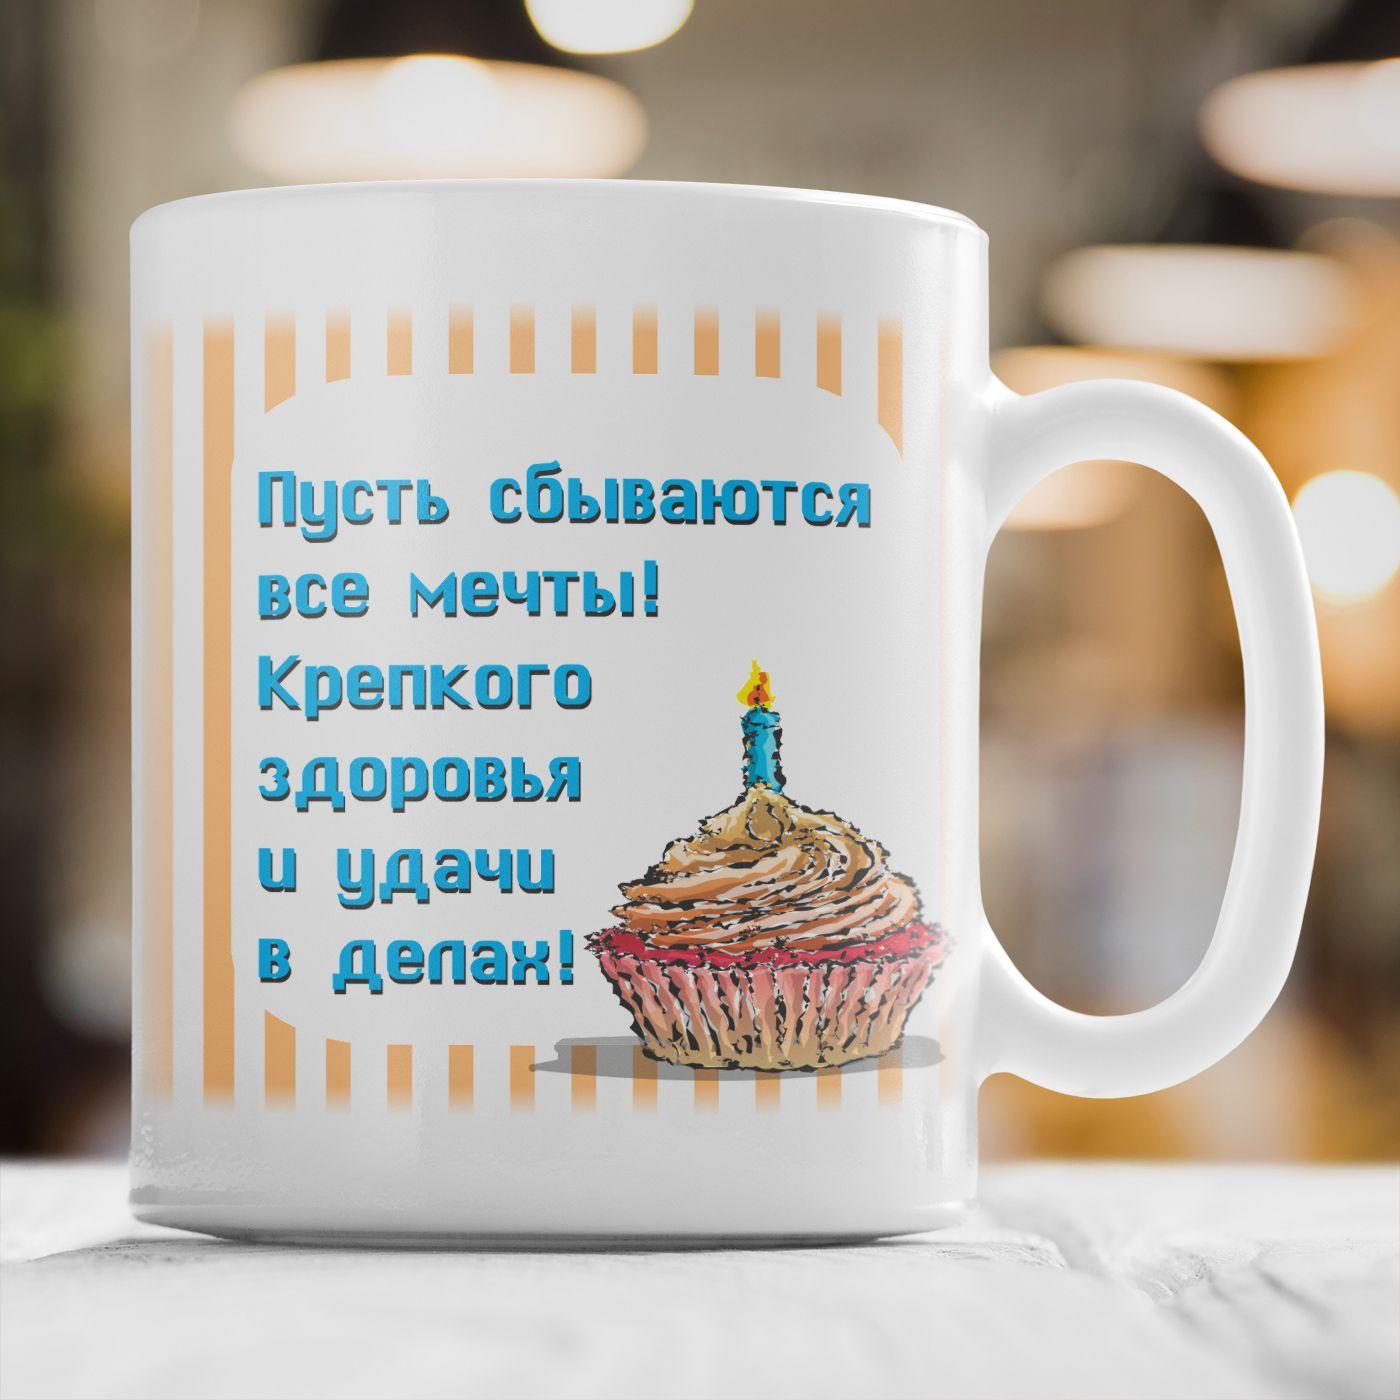 Поздравление с днем рождения на кружке картинки, картинка таджикистана